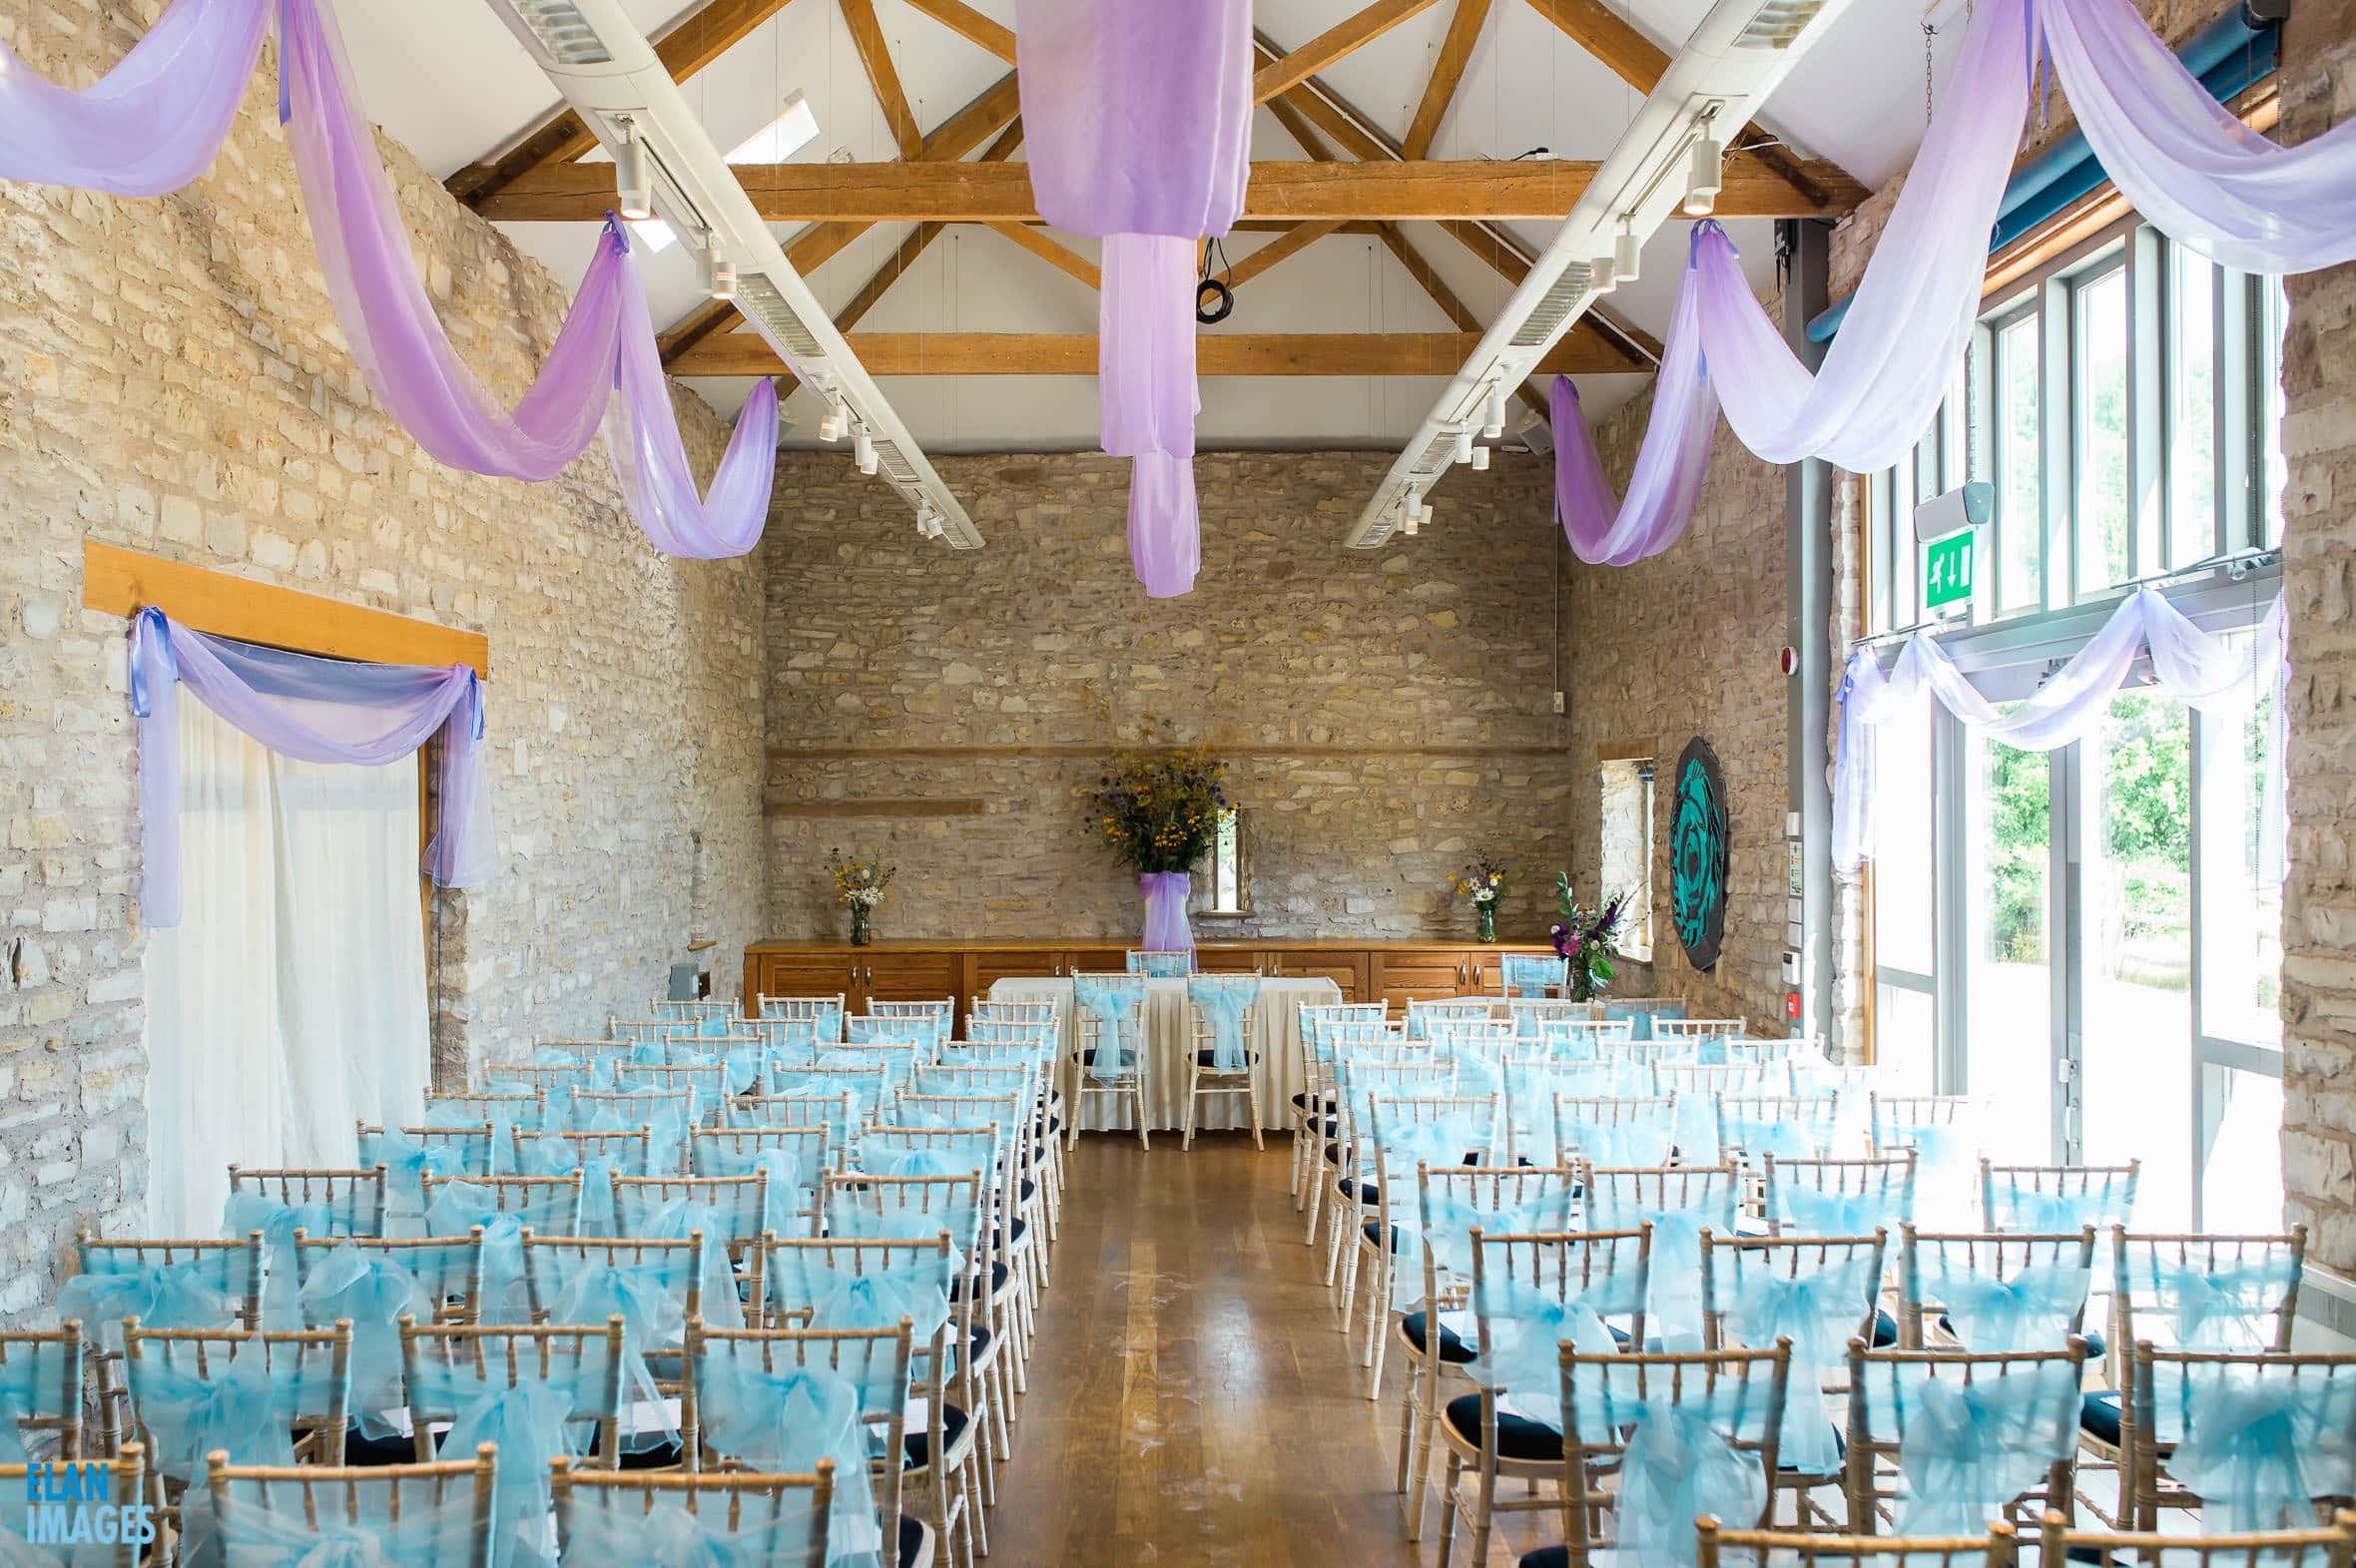 Summer Wedding at the Folly Farm Centre, Pensford 15